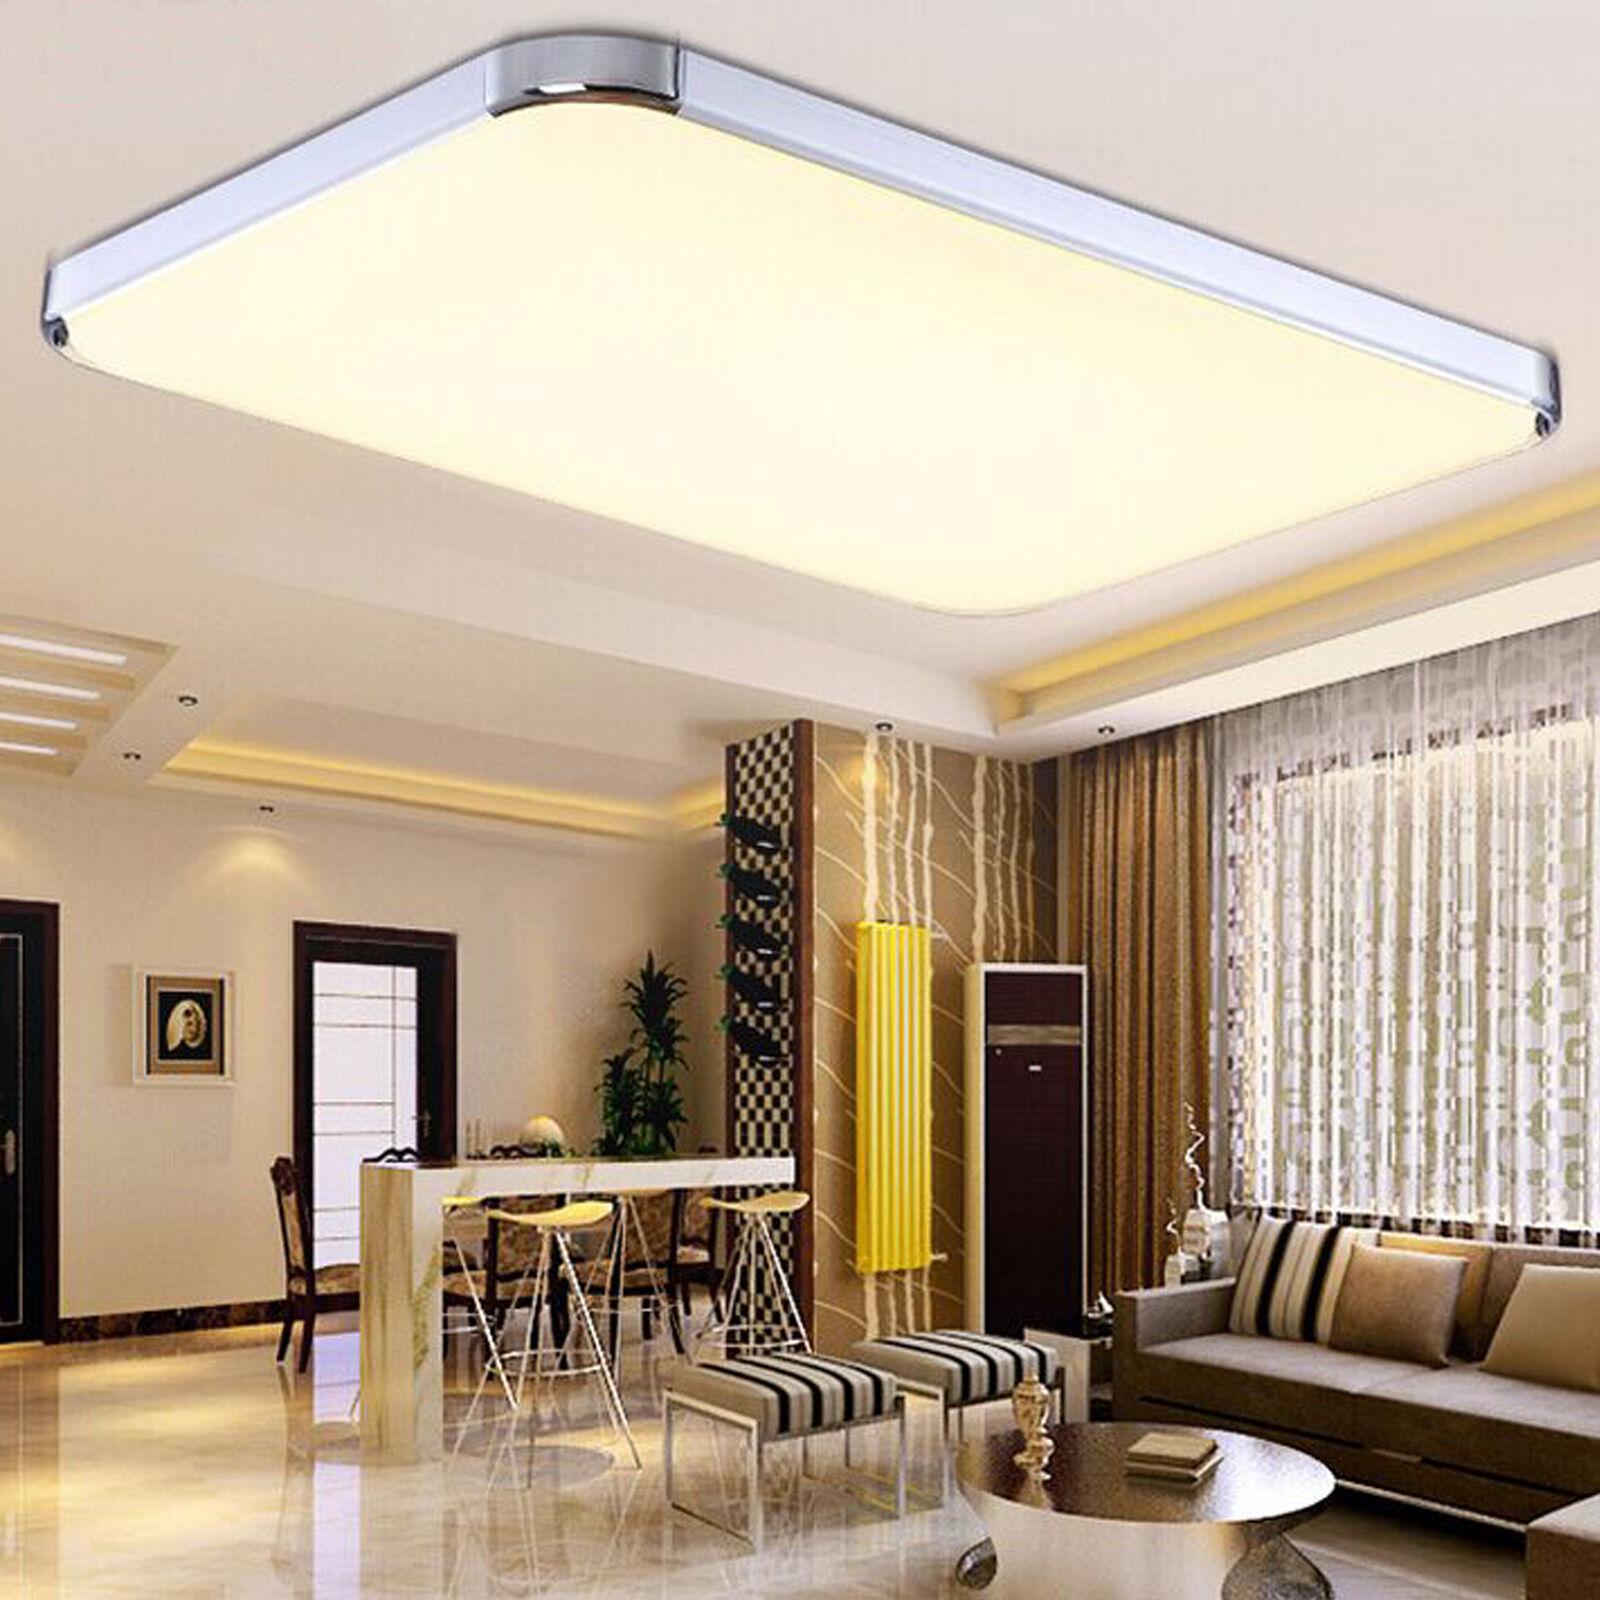 Dimmbar Deckenleuchte LED mit Fernbedienung Küche Deckenlampe Wohnzimmer 24w-72w • EUR 16,99 ...